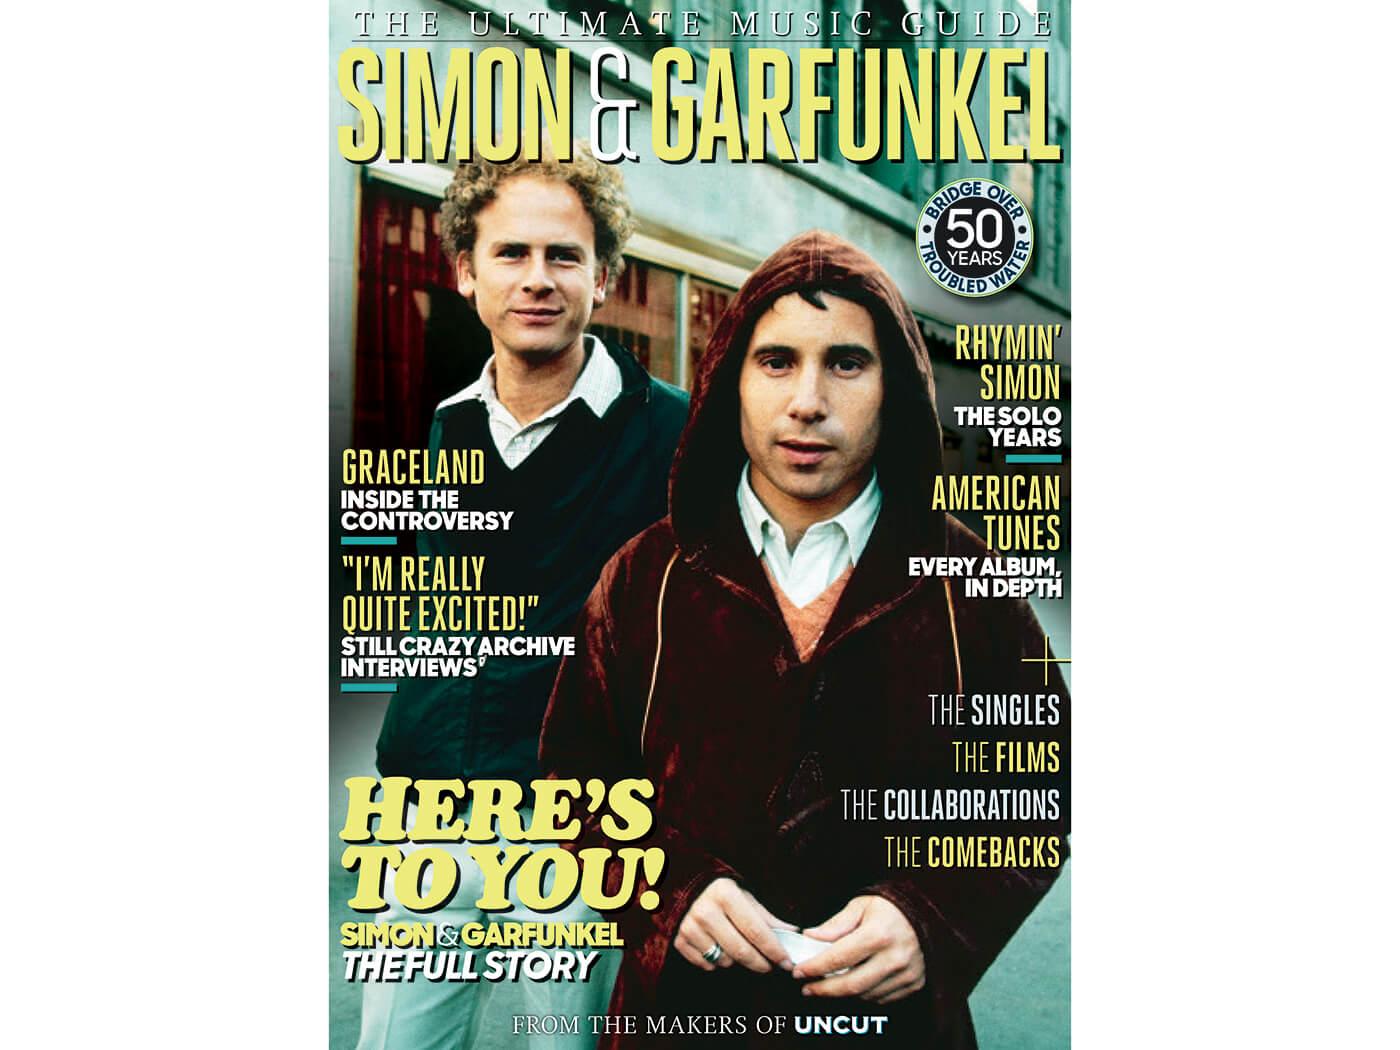 Simon & Garfunkel – The Ultimate Music Guide - UNCUT